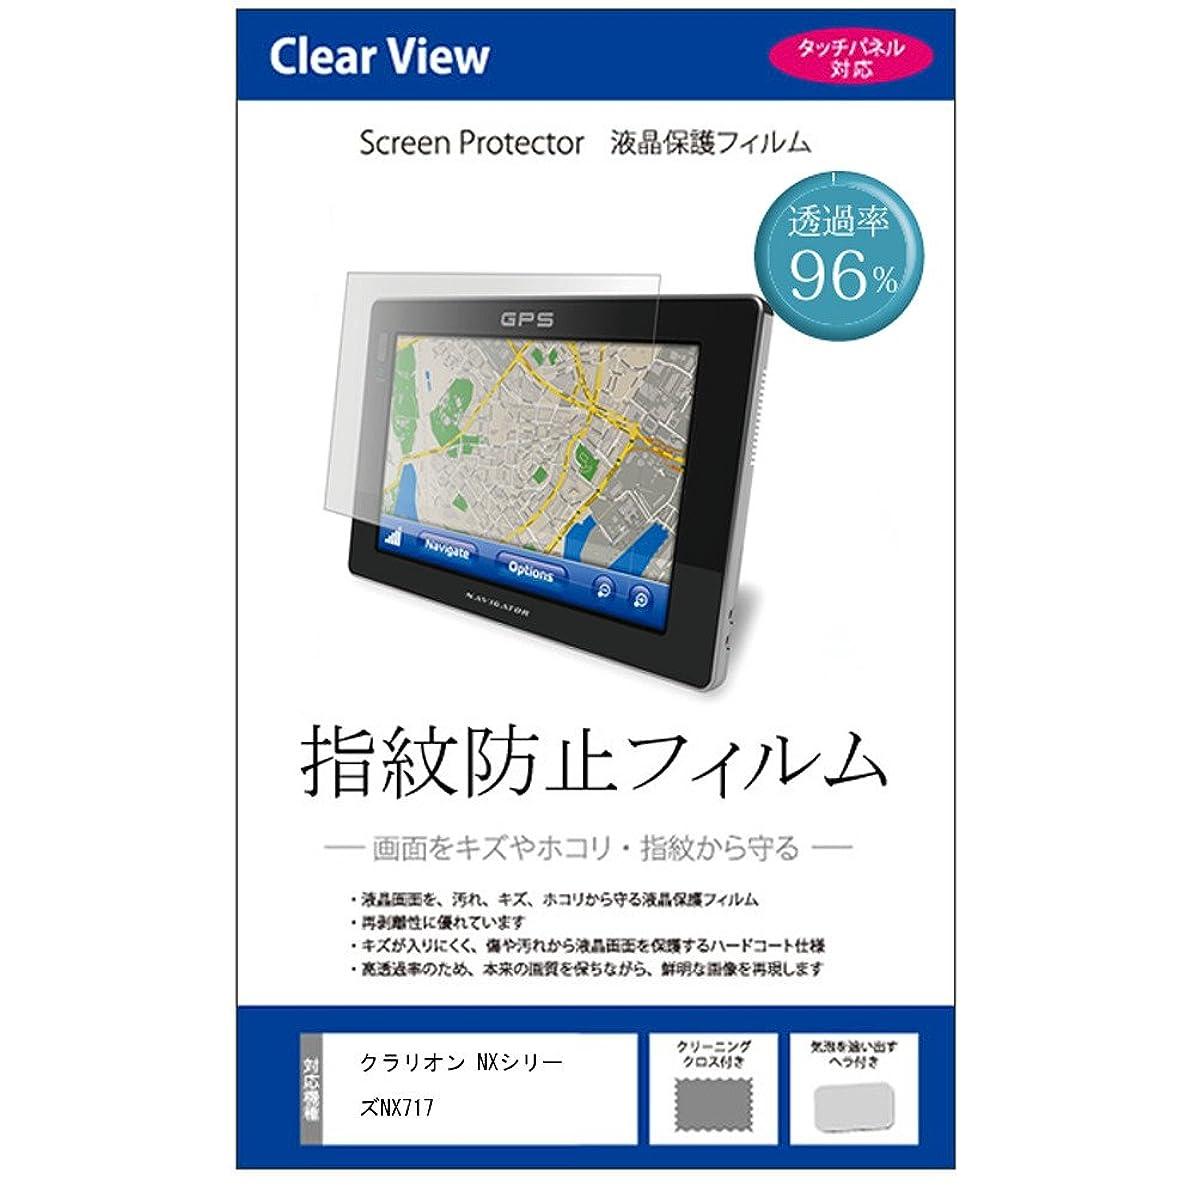 ウェイド確認お願いしますメディアカバーマーケット クラリオン NXシリーズ NX717 [7型] 機種で使える【指紋防止 クリア光沢 液晶保護フィルム】